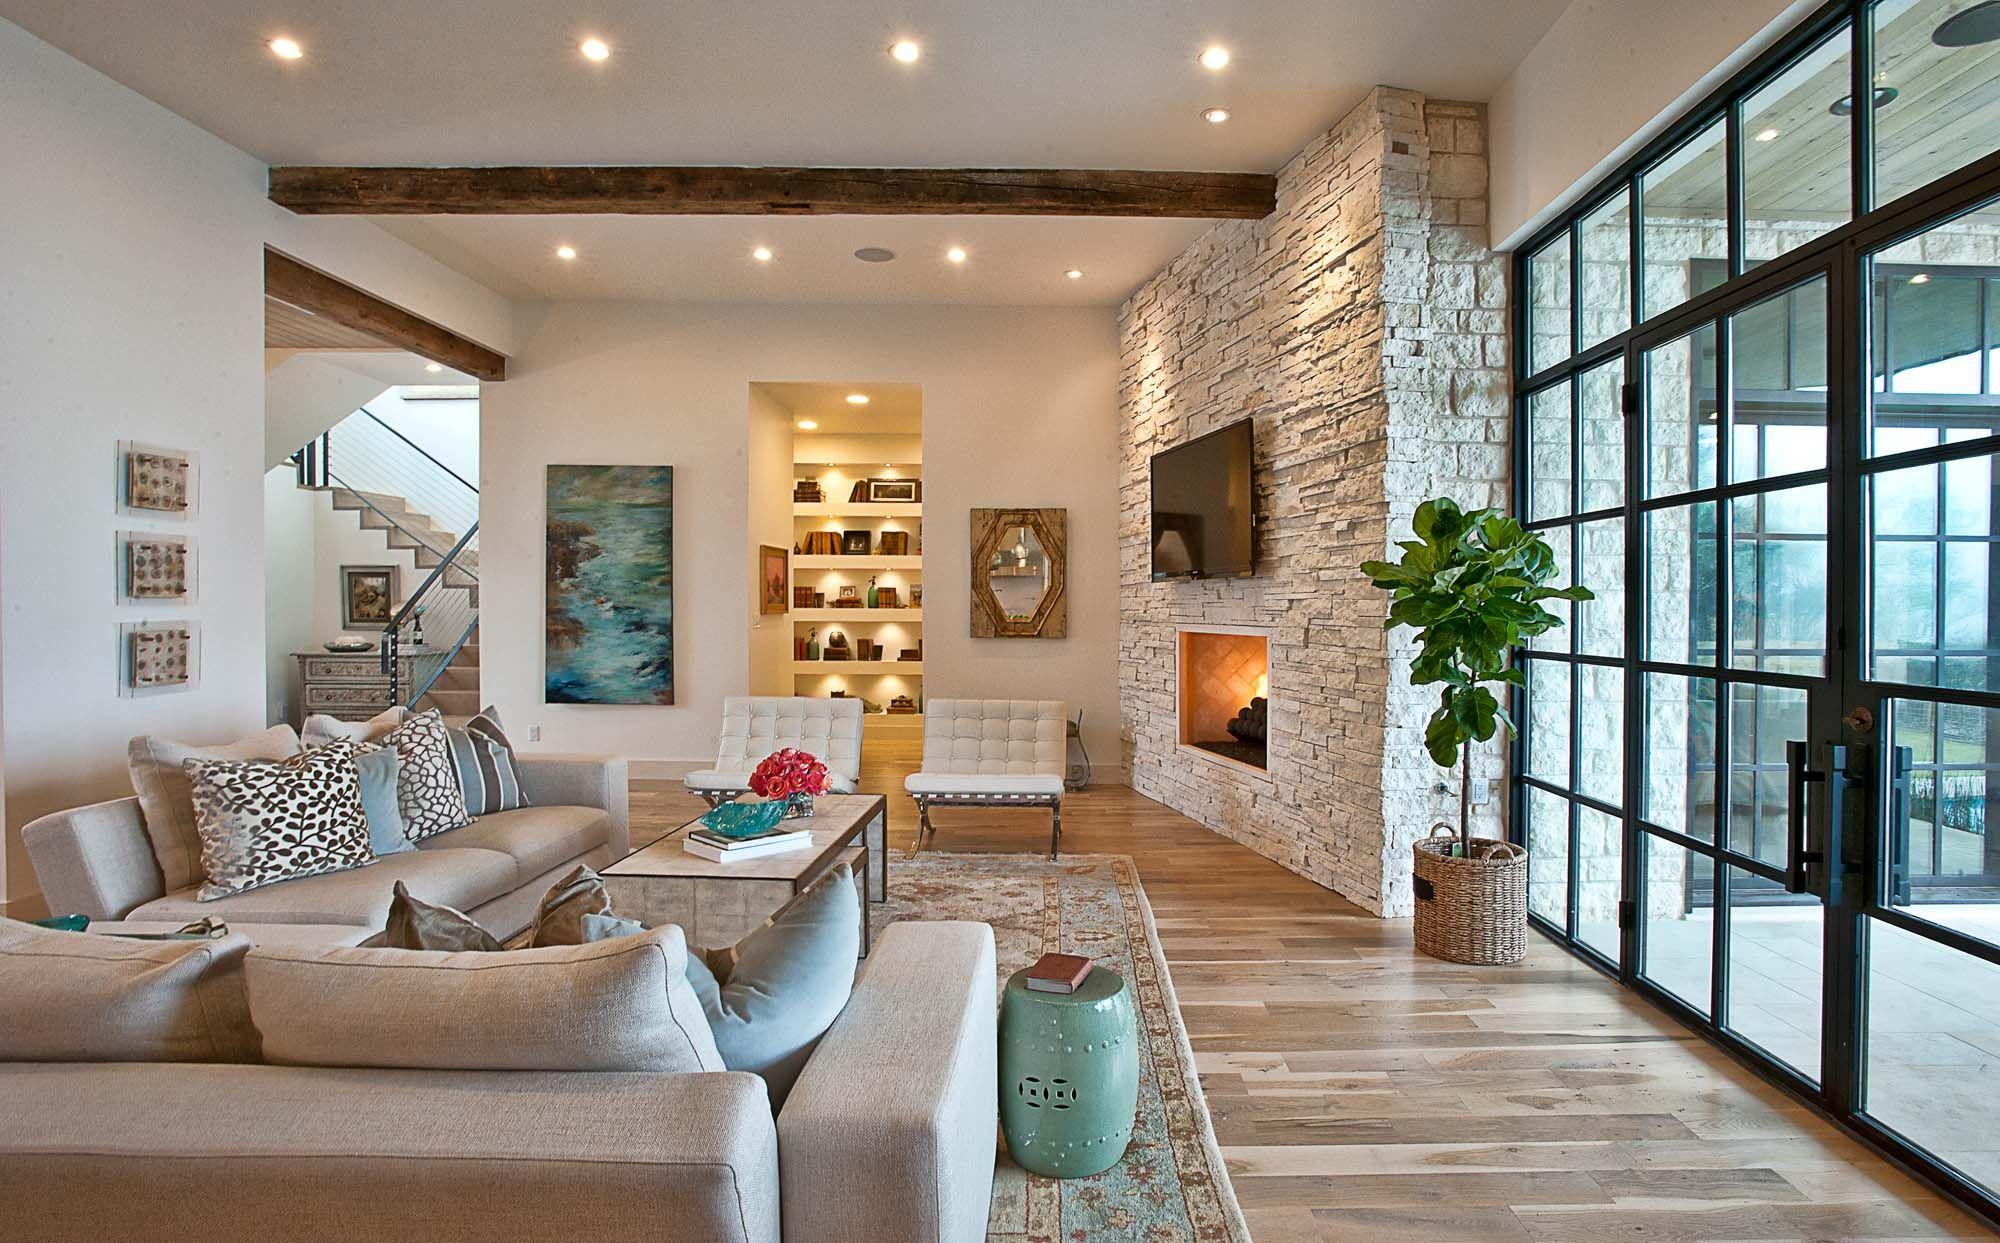 Ecl ctico gama elite estilo ecl ctico pinterest casas hogar y decoracion interiores casas - Casas interiores decoracion ...